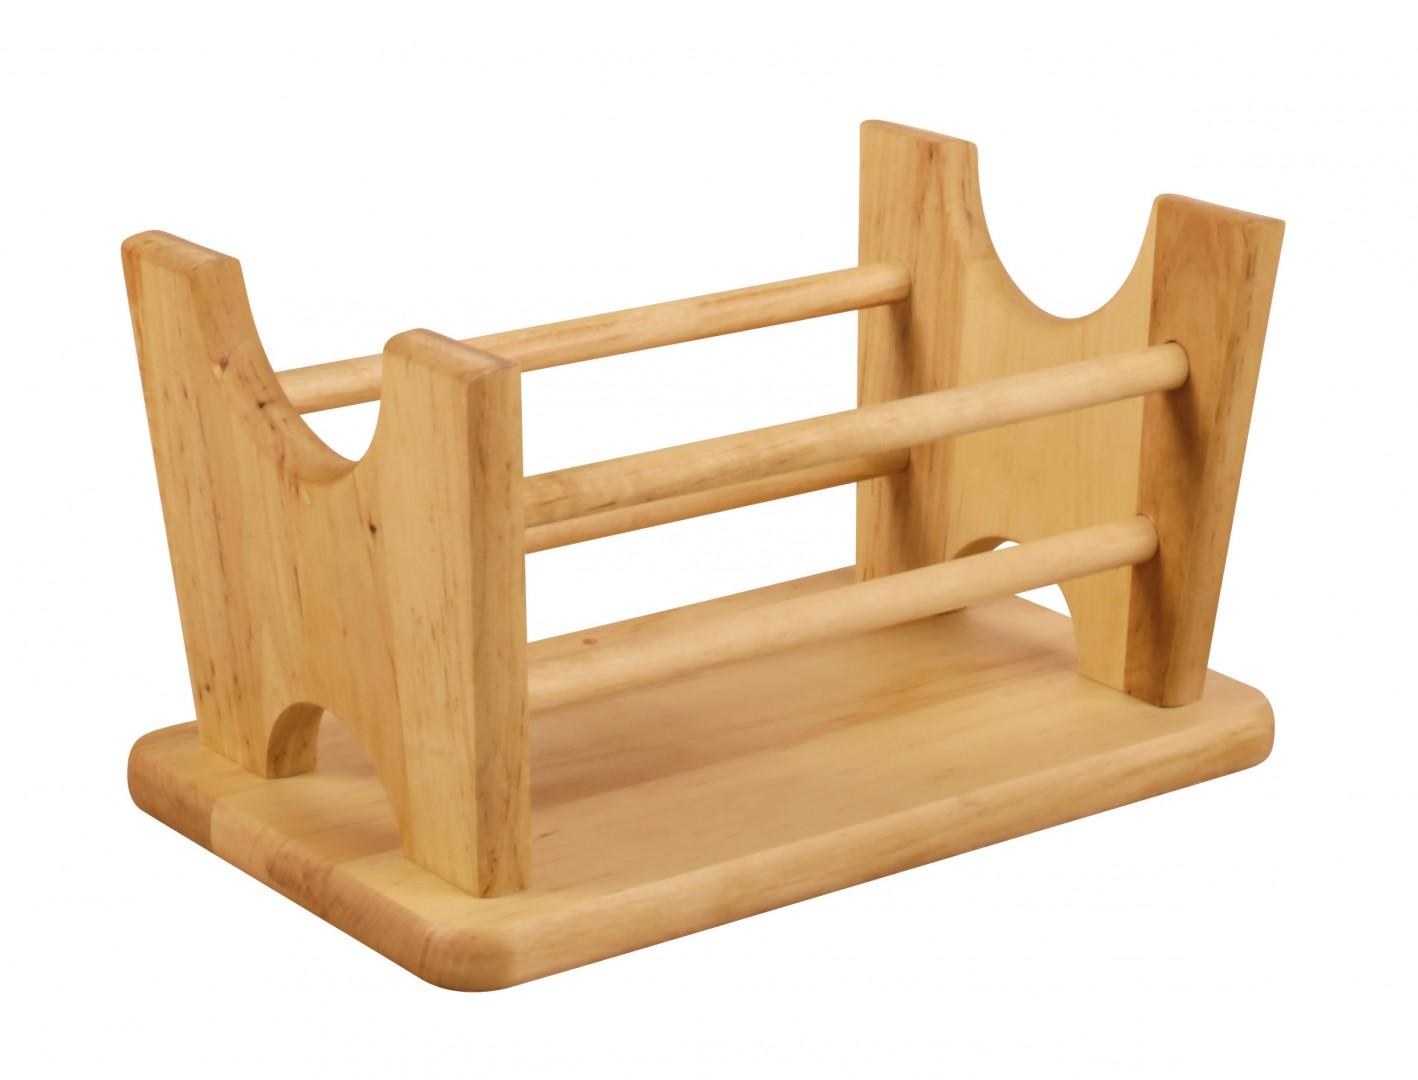 biokinder spielhocker schemel h he 20 cm 34x21 5x20 cm massivholz erle. Black Bedroom Furniture Sets. Home Design Ideas